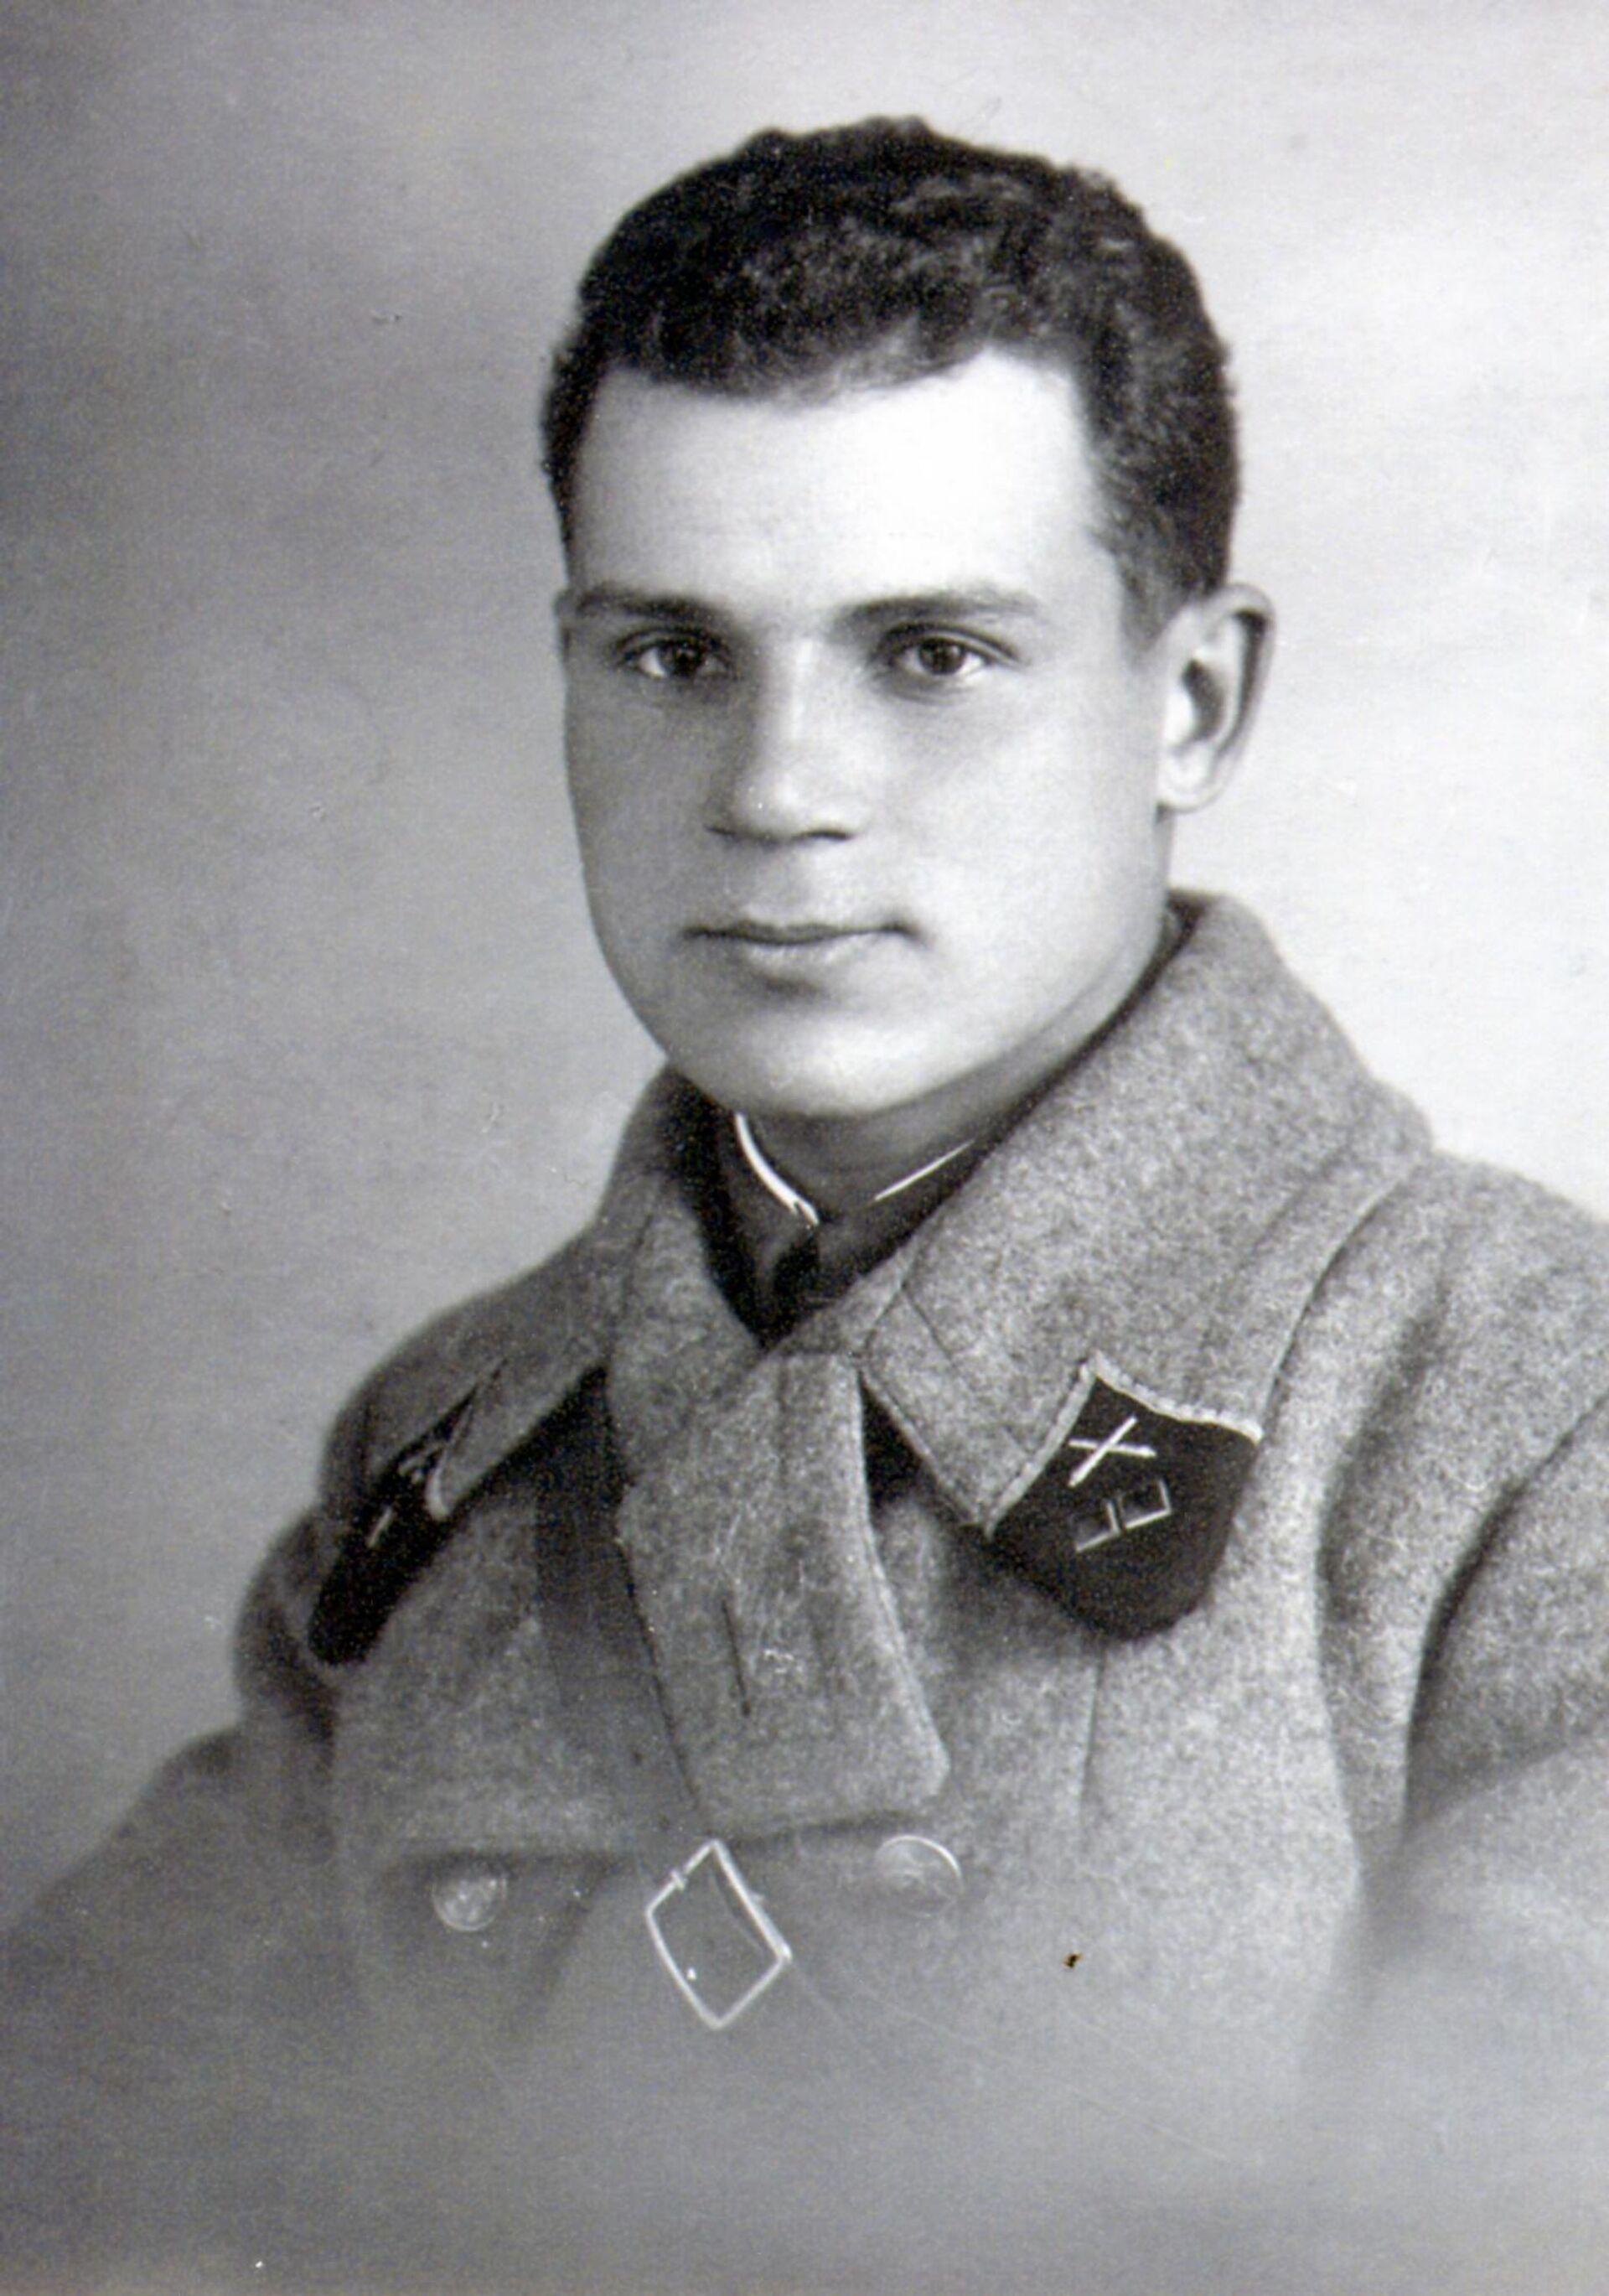 Лейтенант Алексей Буфетов в ноябре 1940 года - Sputnik Беларусь, 1920, 01.07.2021